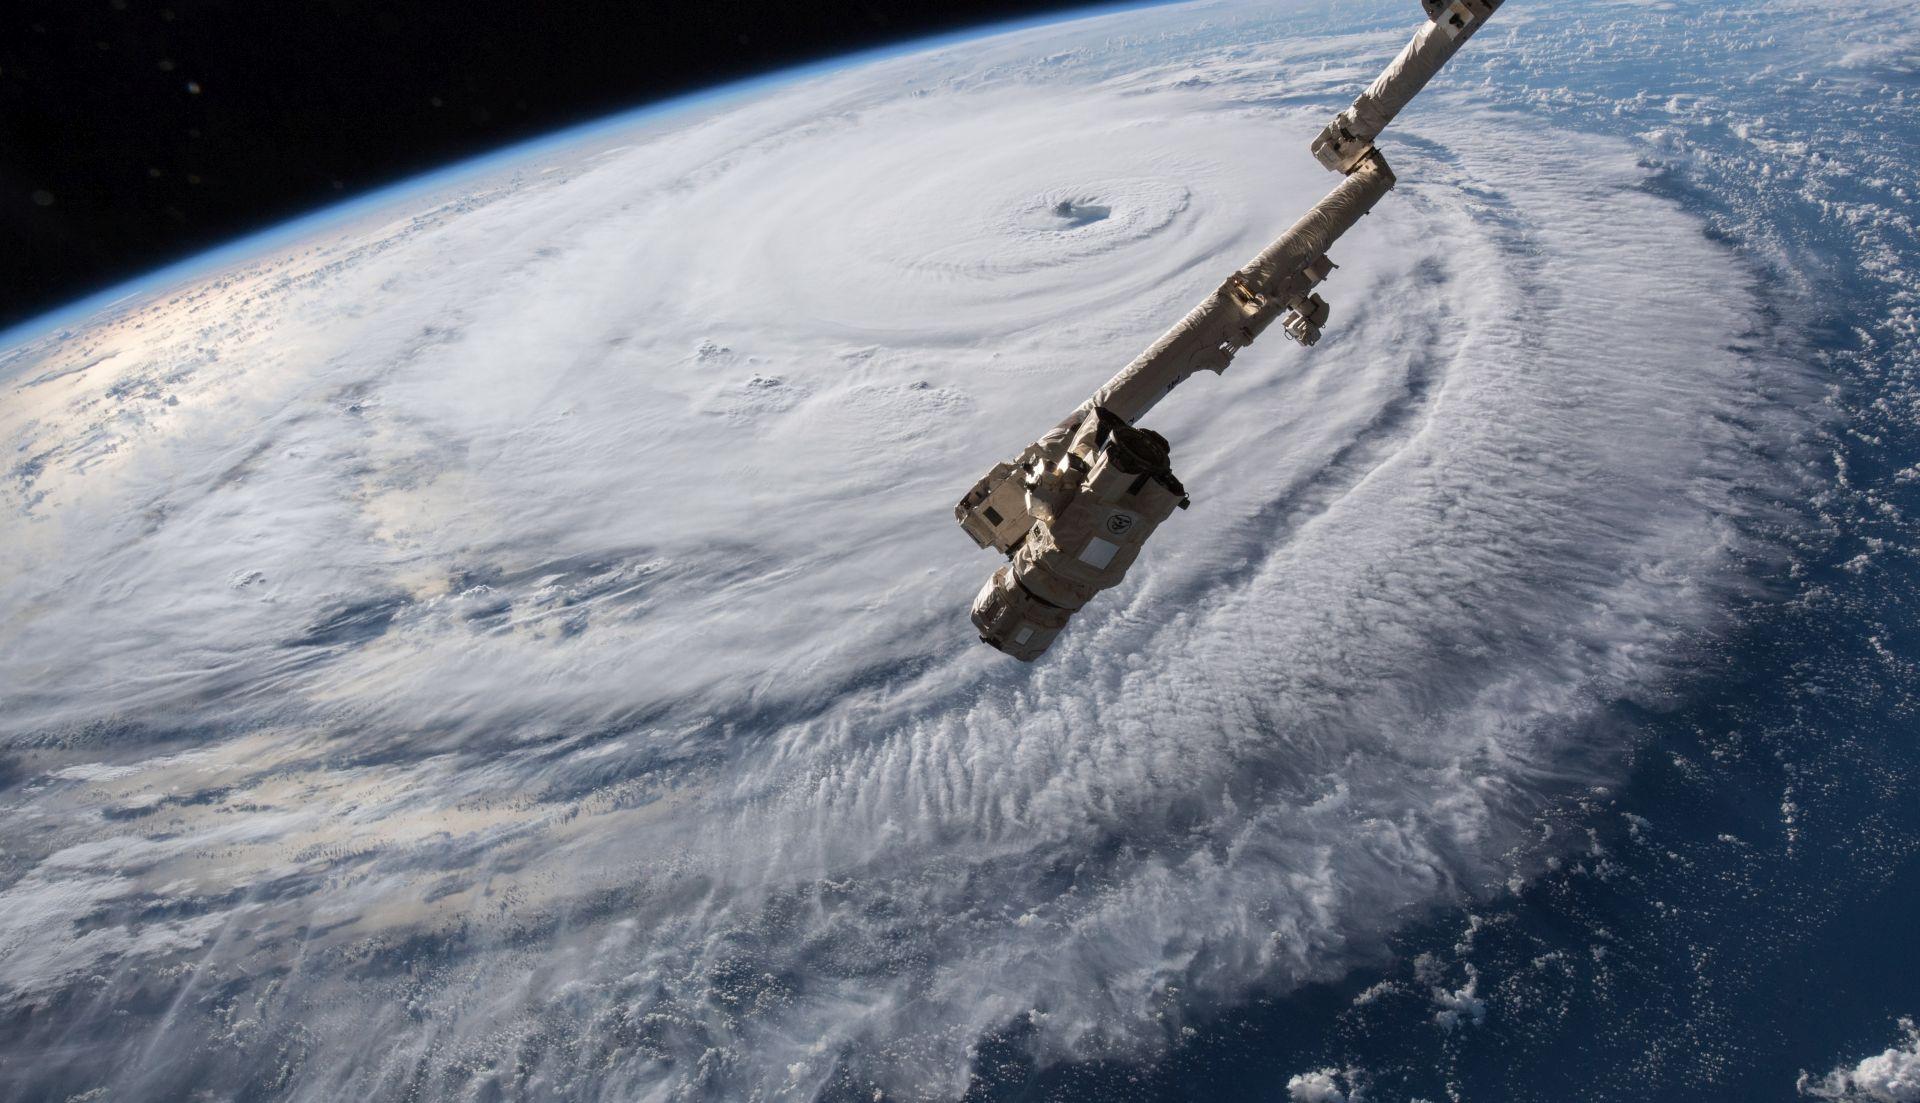 SAVRŠENA OLUJA Uragani i tajfuni